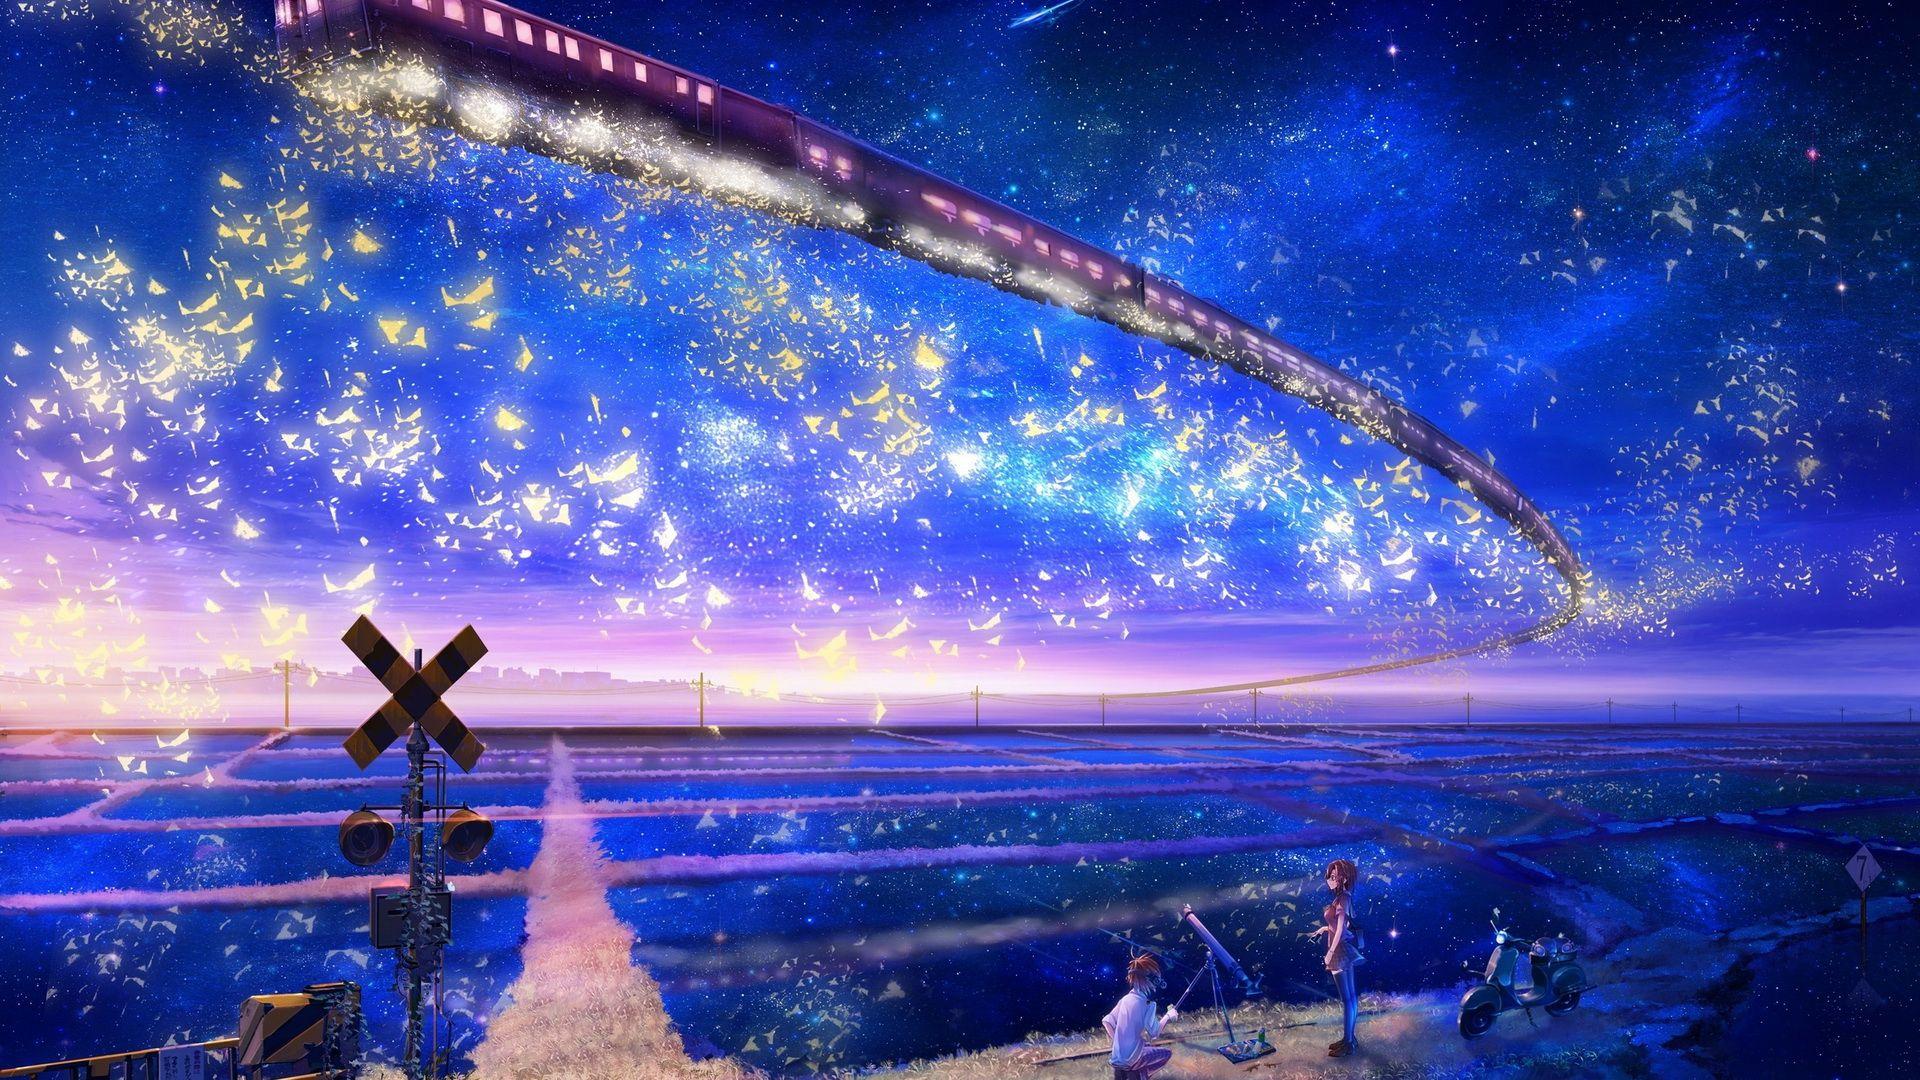 Stunning Anime Scenery Wallpaper 42595 In 2021 Anime Art Beautiful Anime Scenery Wallpaper Anime Scenery